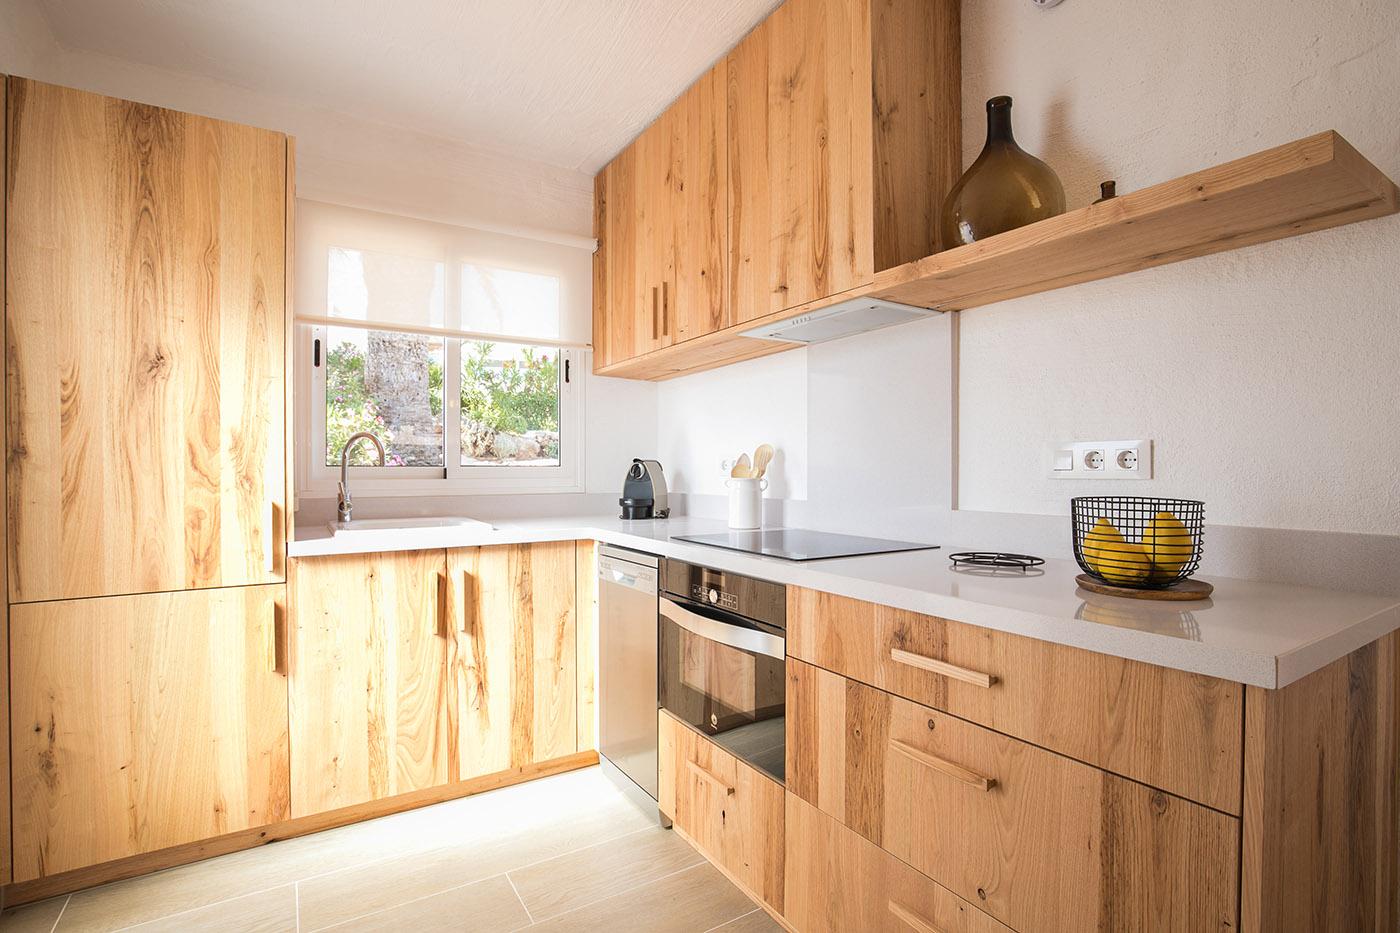 Villas Etnia Menorca - kitchen